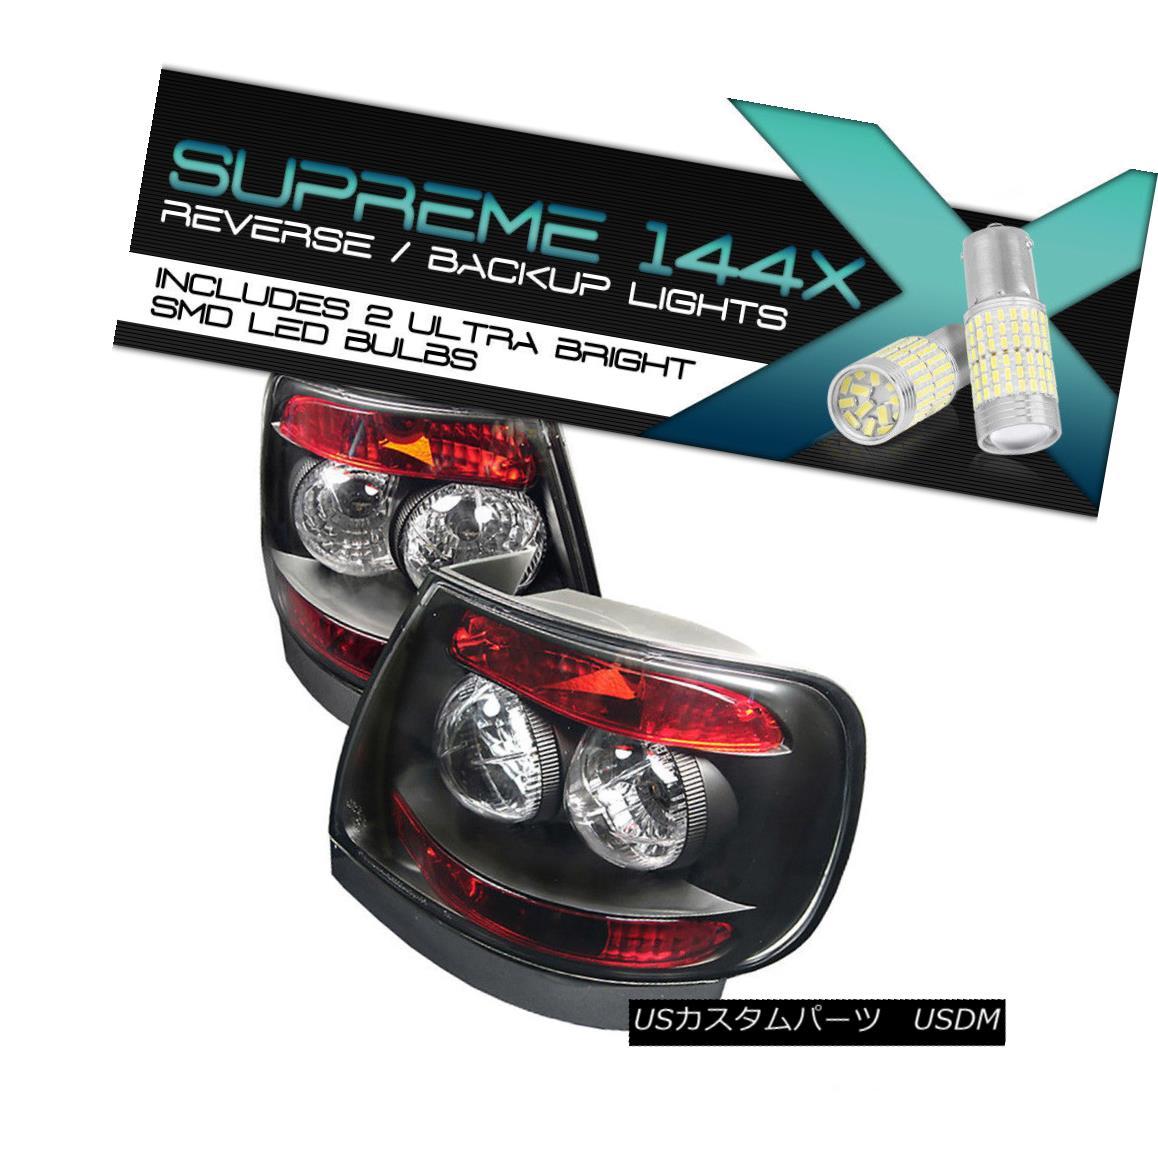 テールライト [360 DEGREE SMD REVERSE] 1996-2001 00-02 Audi A4 B5 [360 1996-2001 | 00-02 S4 Euro Brake Tail Lights [360度SMDリバース] 1996-2001 Audi A4 B5 | 00-02 S4ユーロブレーキテールライト, Salada Bowl-おしゃれブランド通販:e6601d26 --- officewill.xsrv.jp